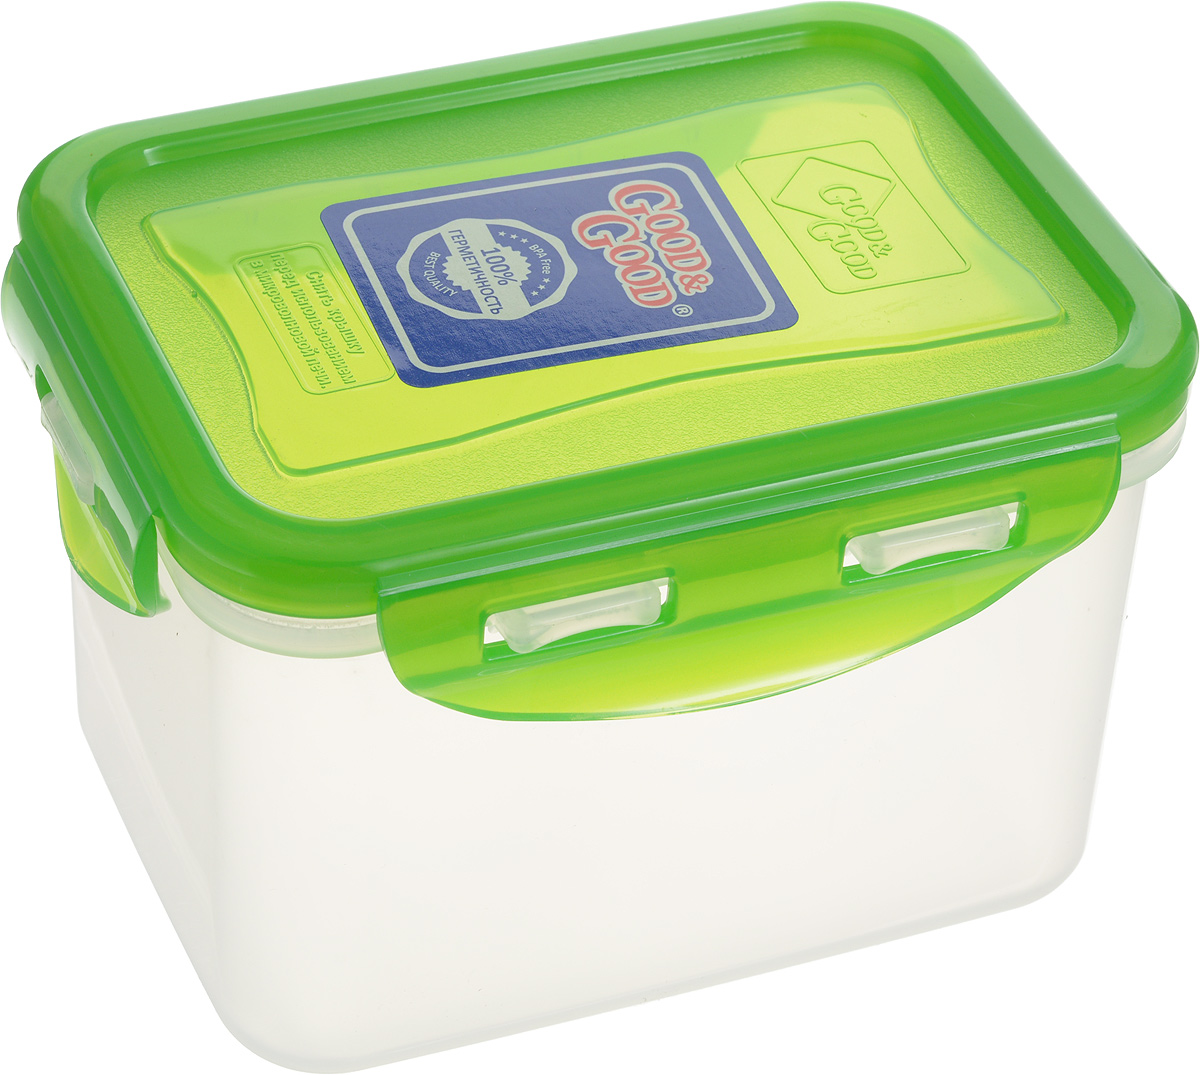 Контейнер пищевой Good&Good, цвет: зеленый, 630 мл. B/COL 02-2 игрушка good dinosaur 62006